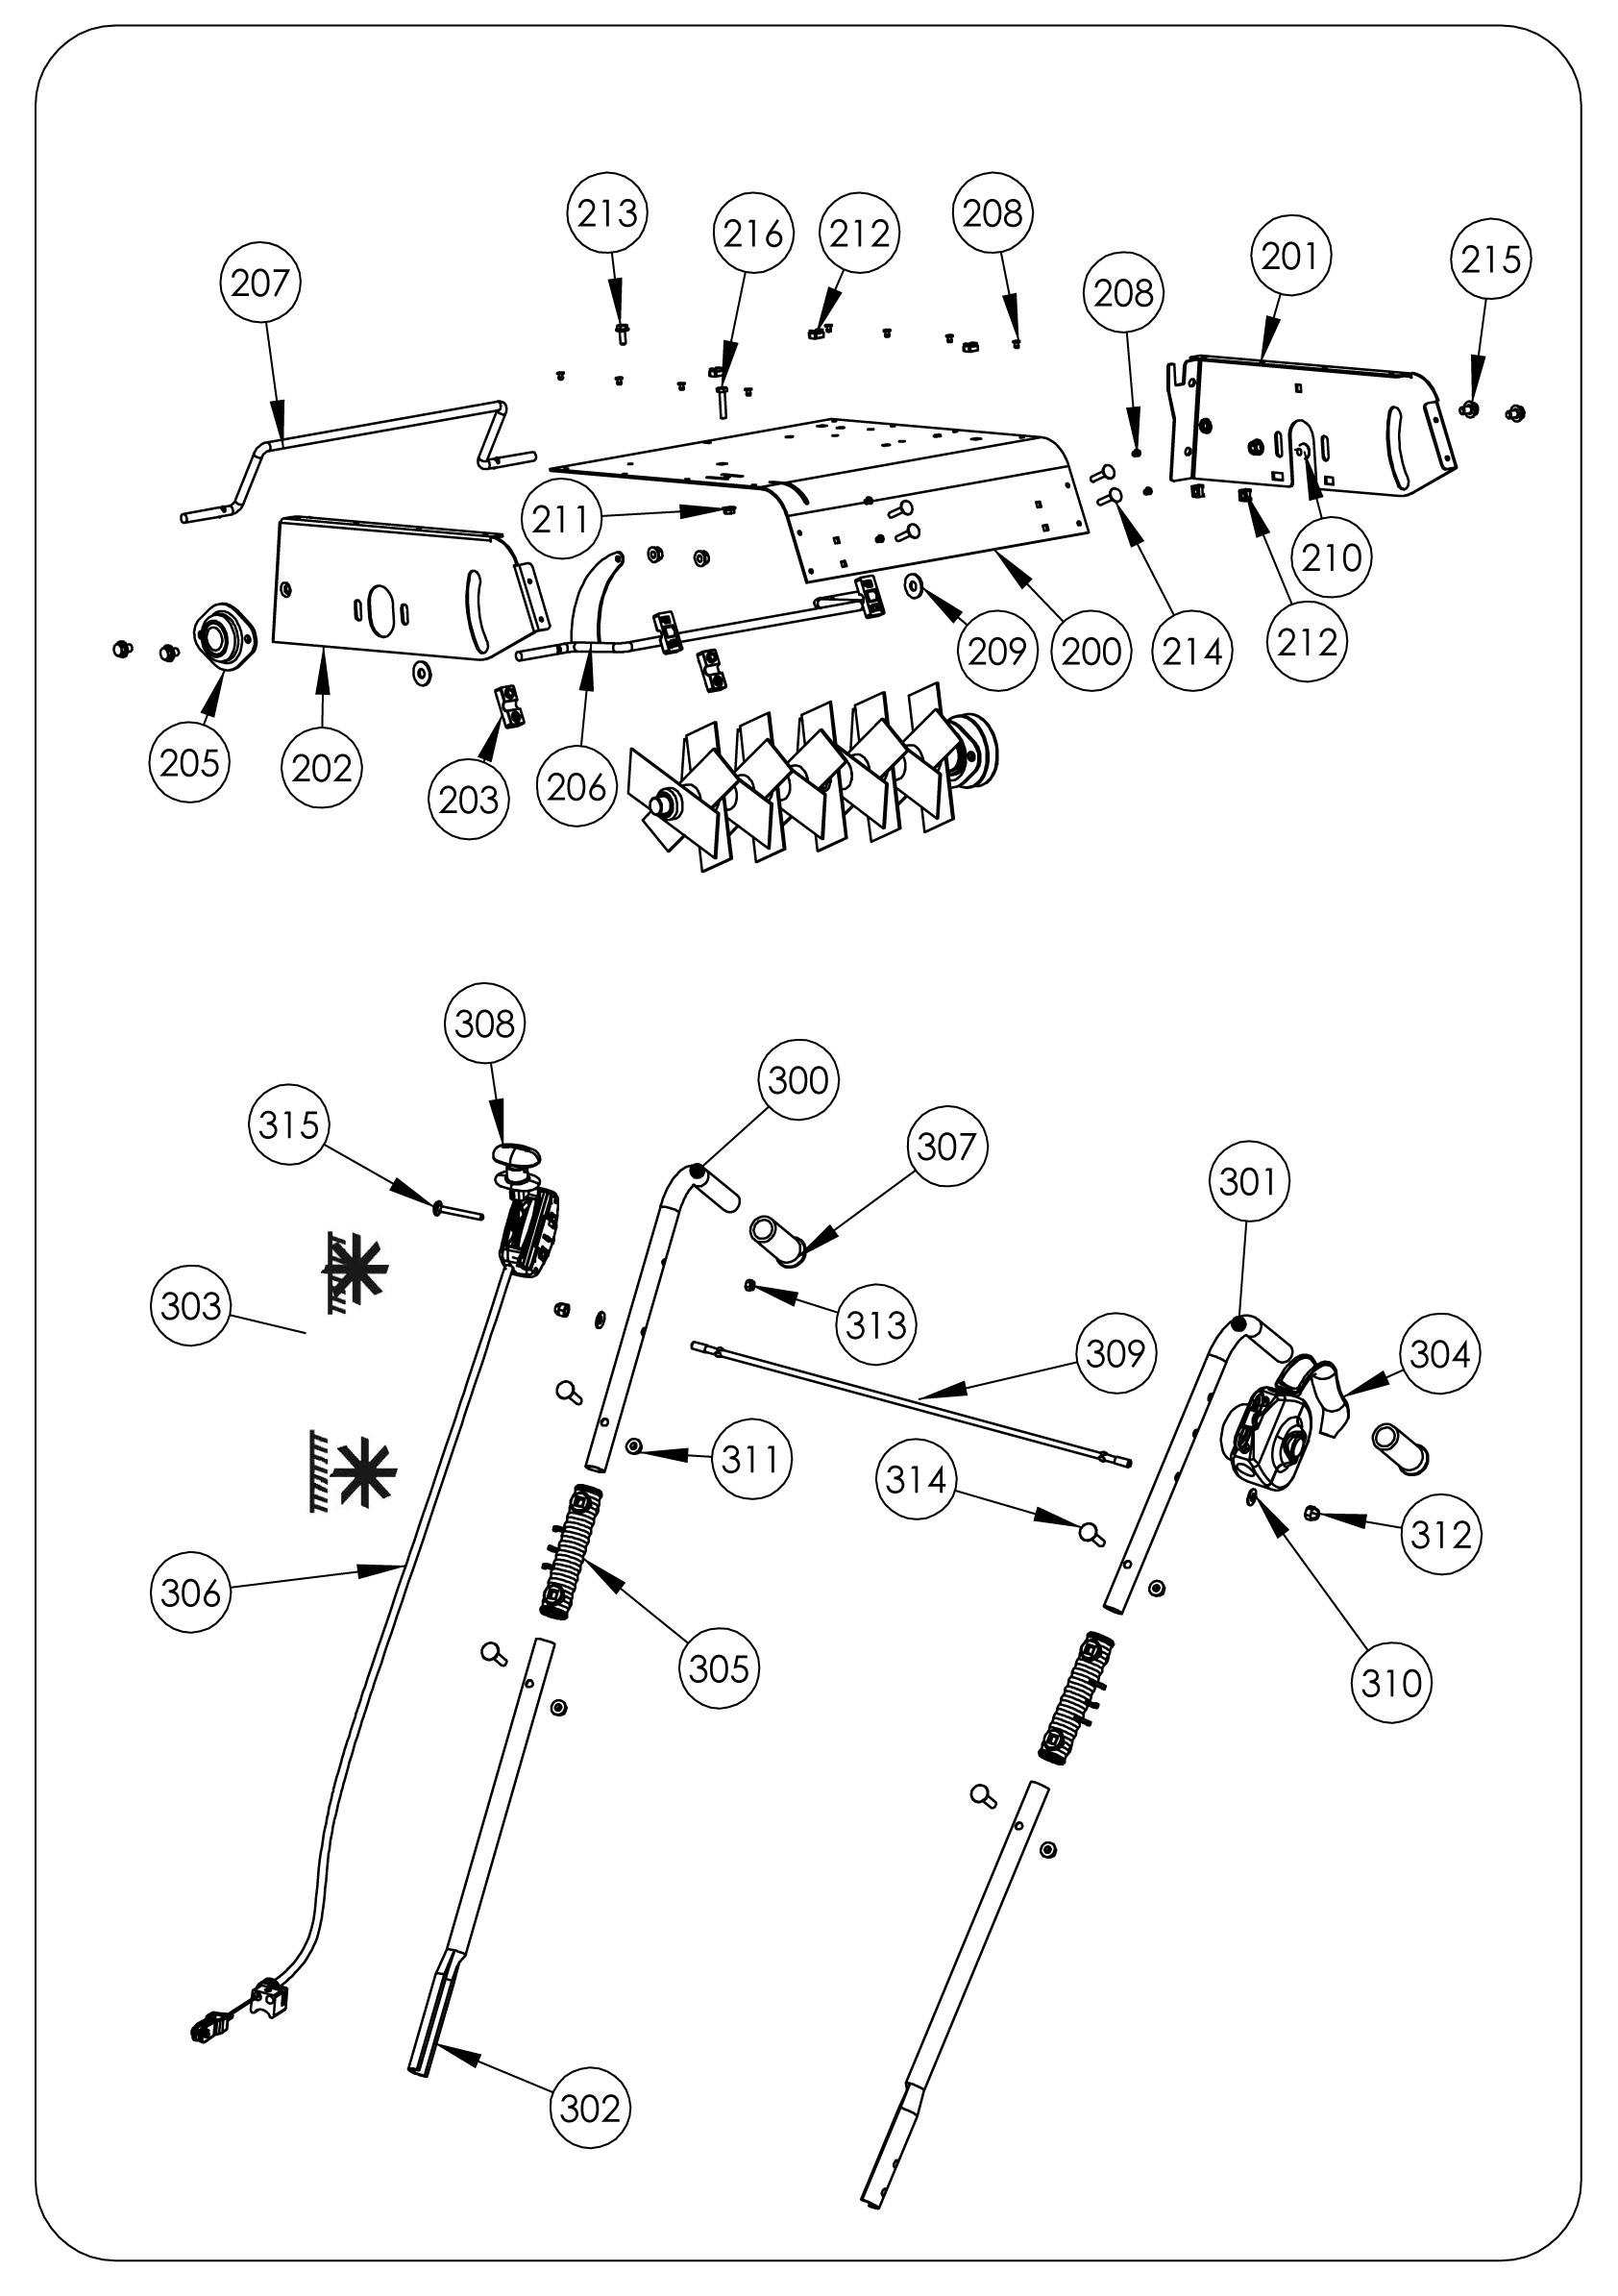 SCA elec Scarificateur OLEOMAC vue éclatée Dessins pièces -  Carter et guidon